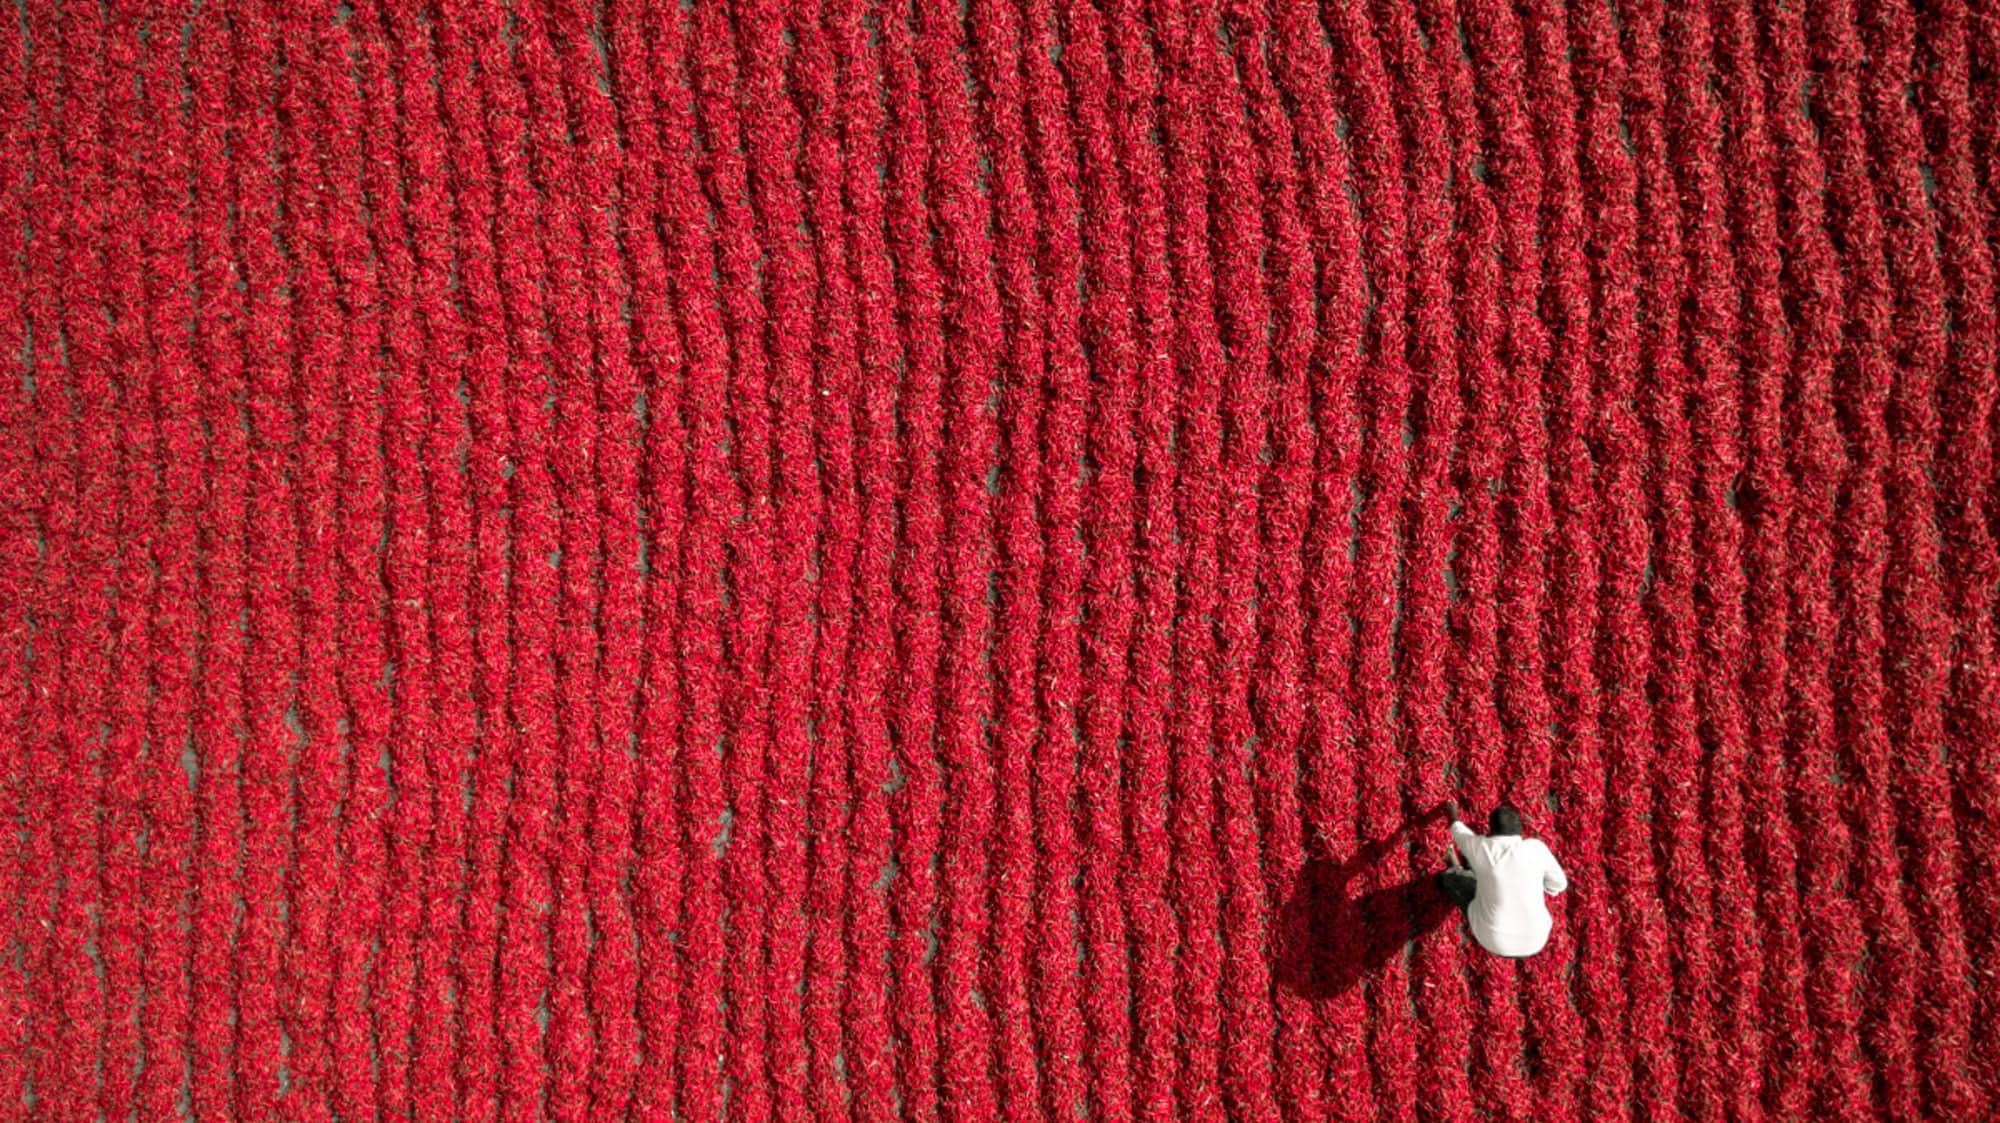 Phơi ớt đỏ ở Guntur, Ấn Độ (ảnh: Aurobird)